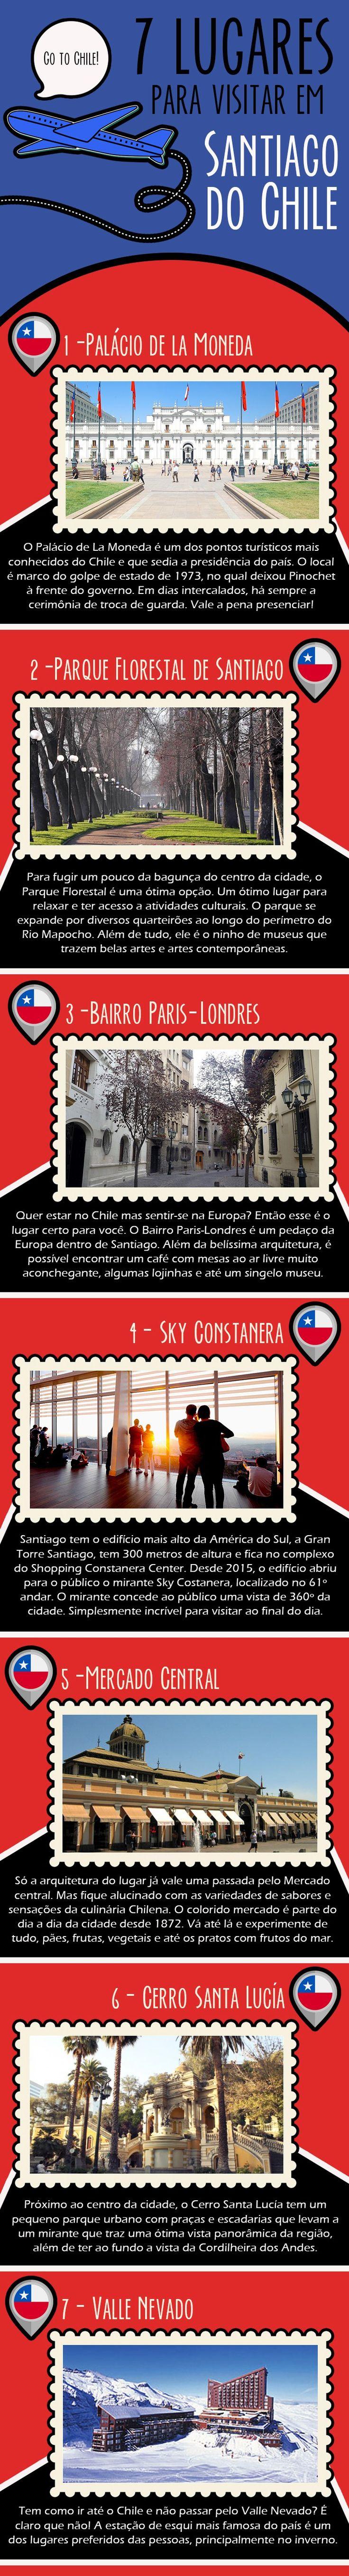 SEVEN LIST - CABIDE COLORIDO - SANTIAGO DO CHILE